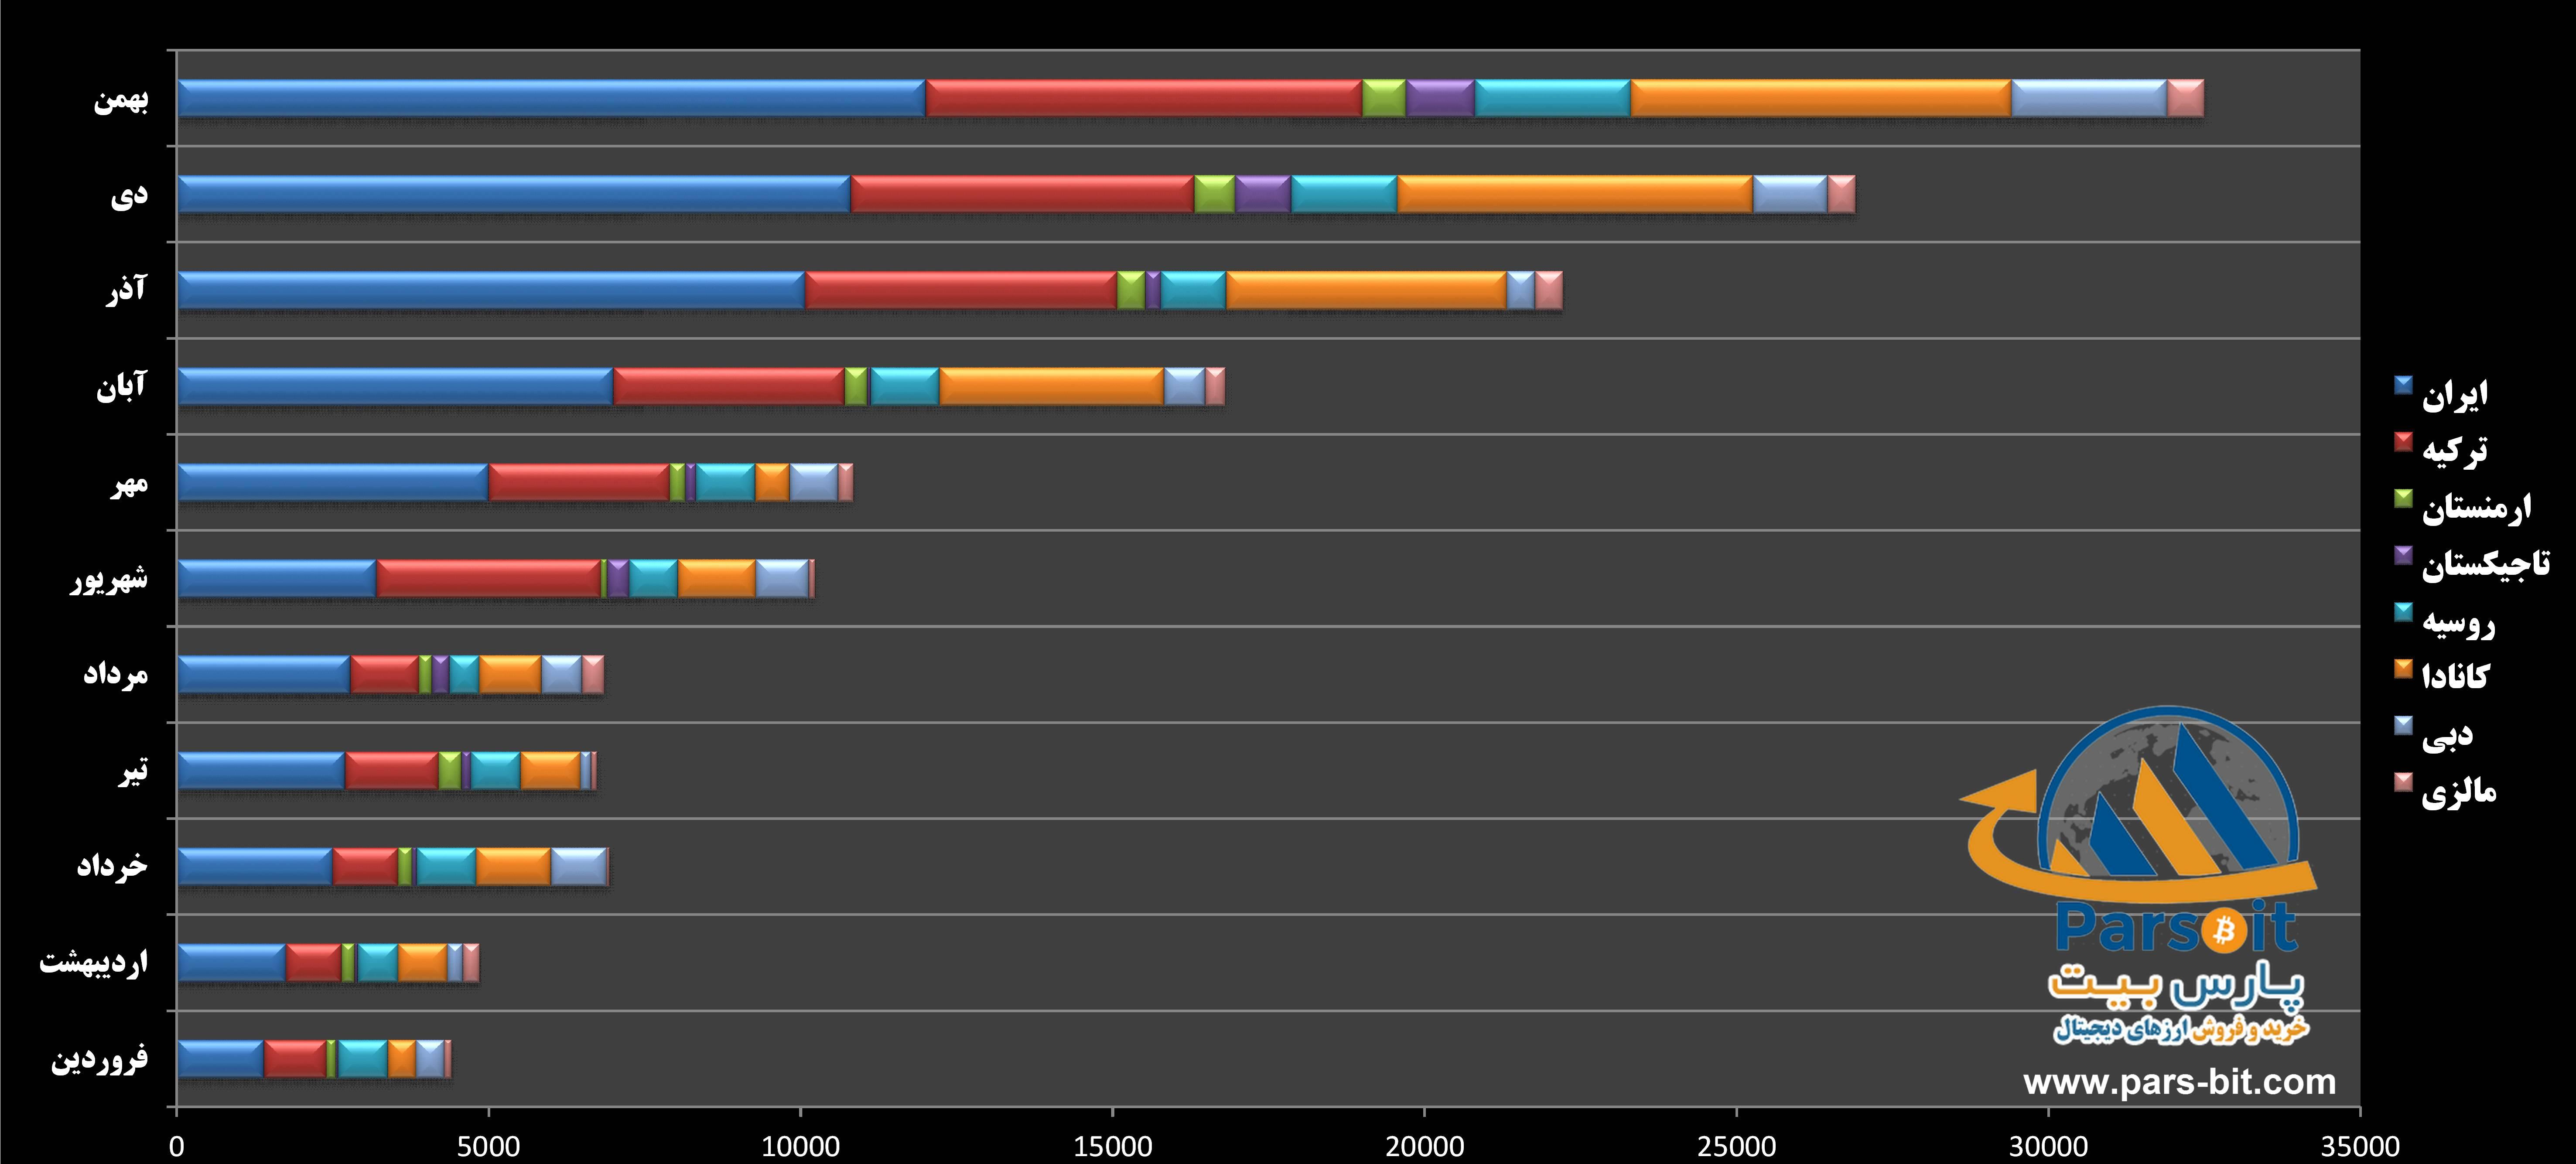 نرخ رشد تراکنش های رمزارزی صرافی پارس بیت در سال 98